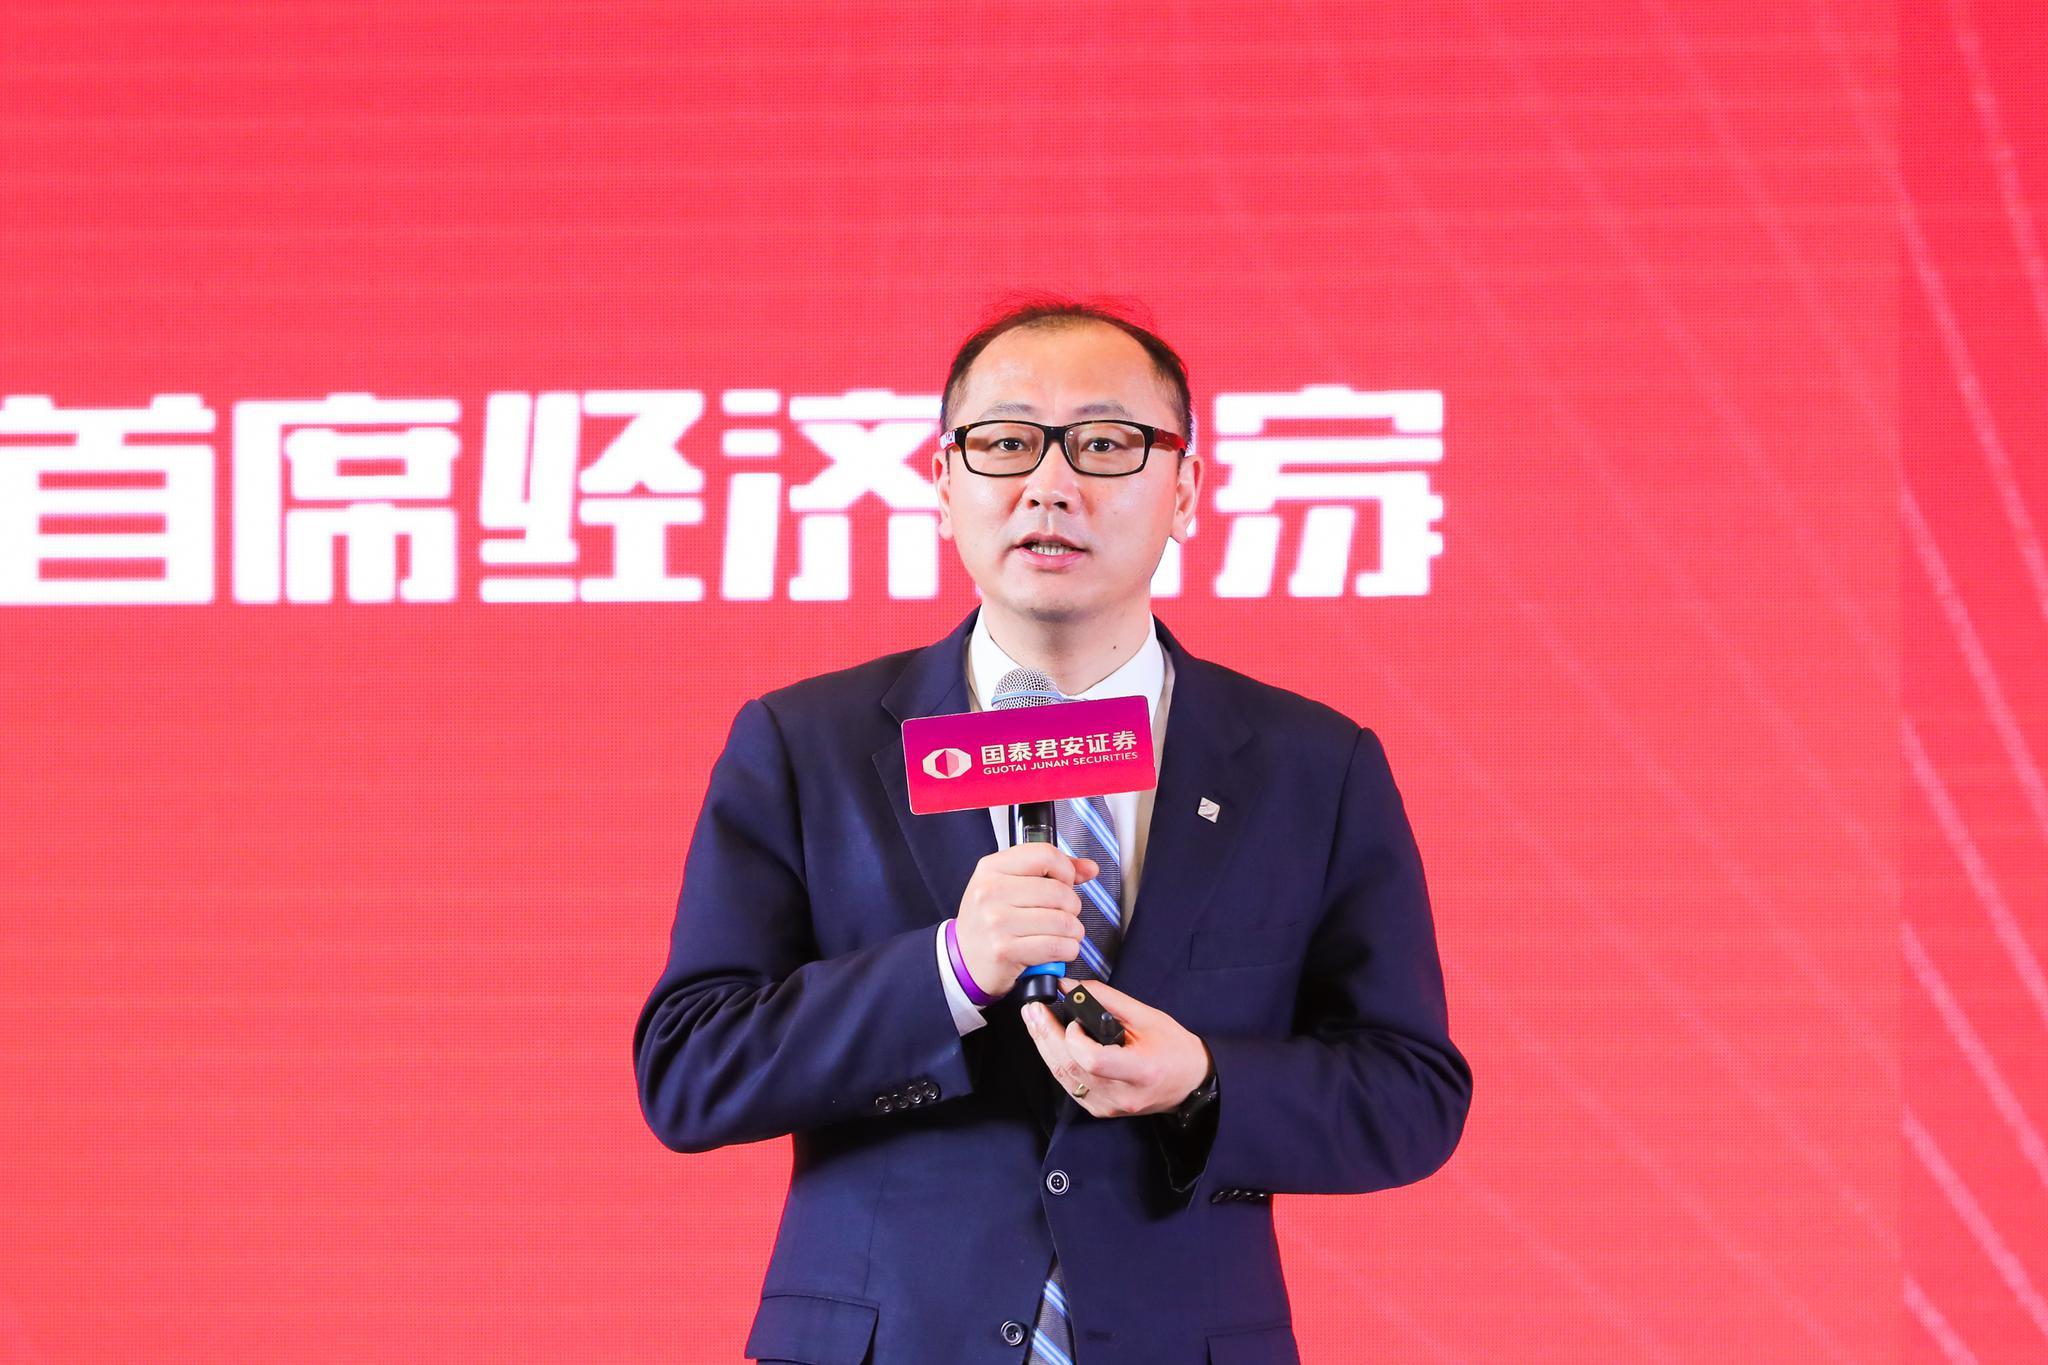 重阳投资王庆:经济复苏是影响股市最大因素